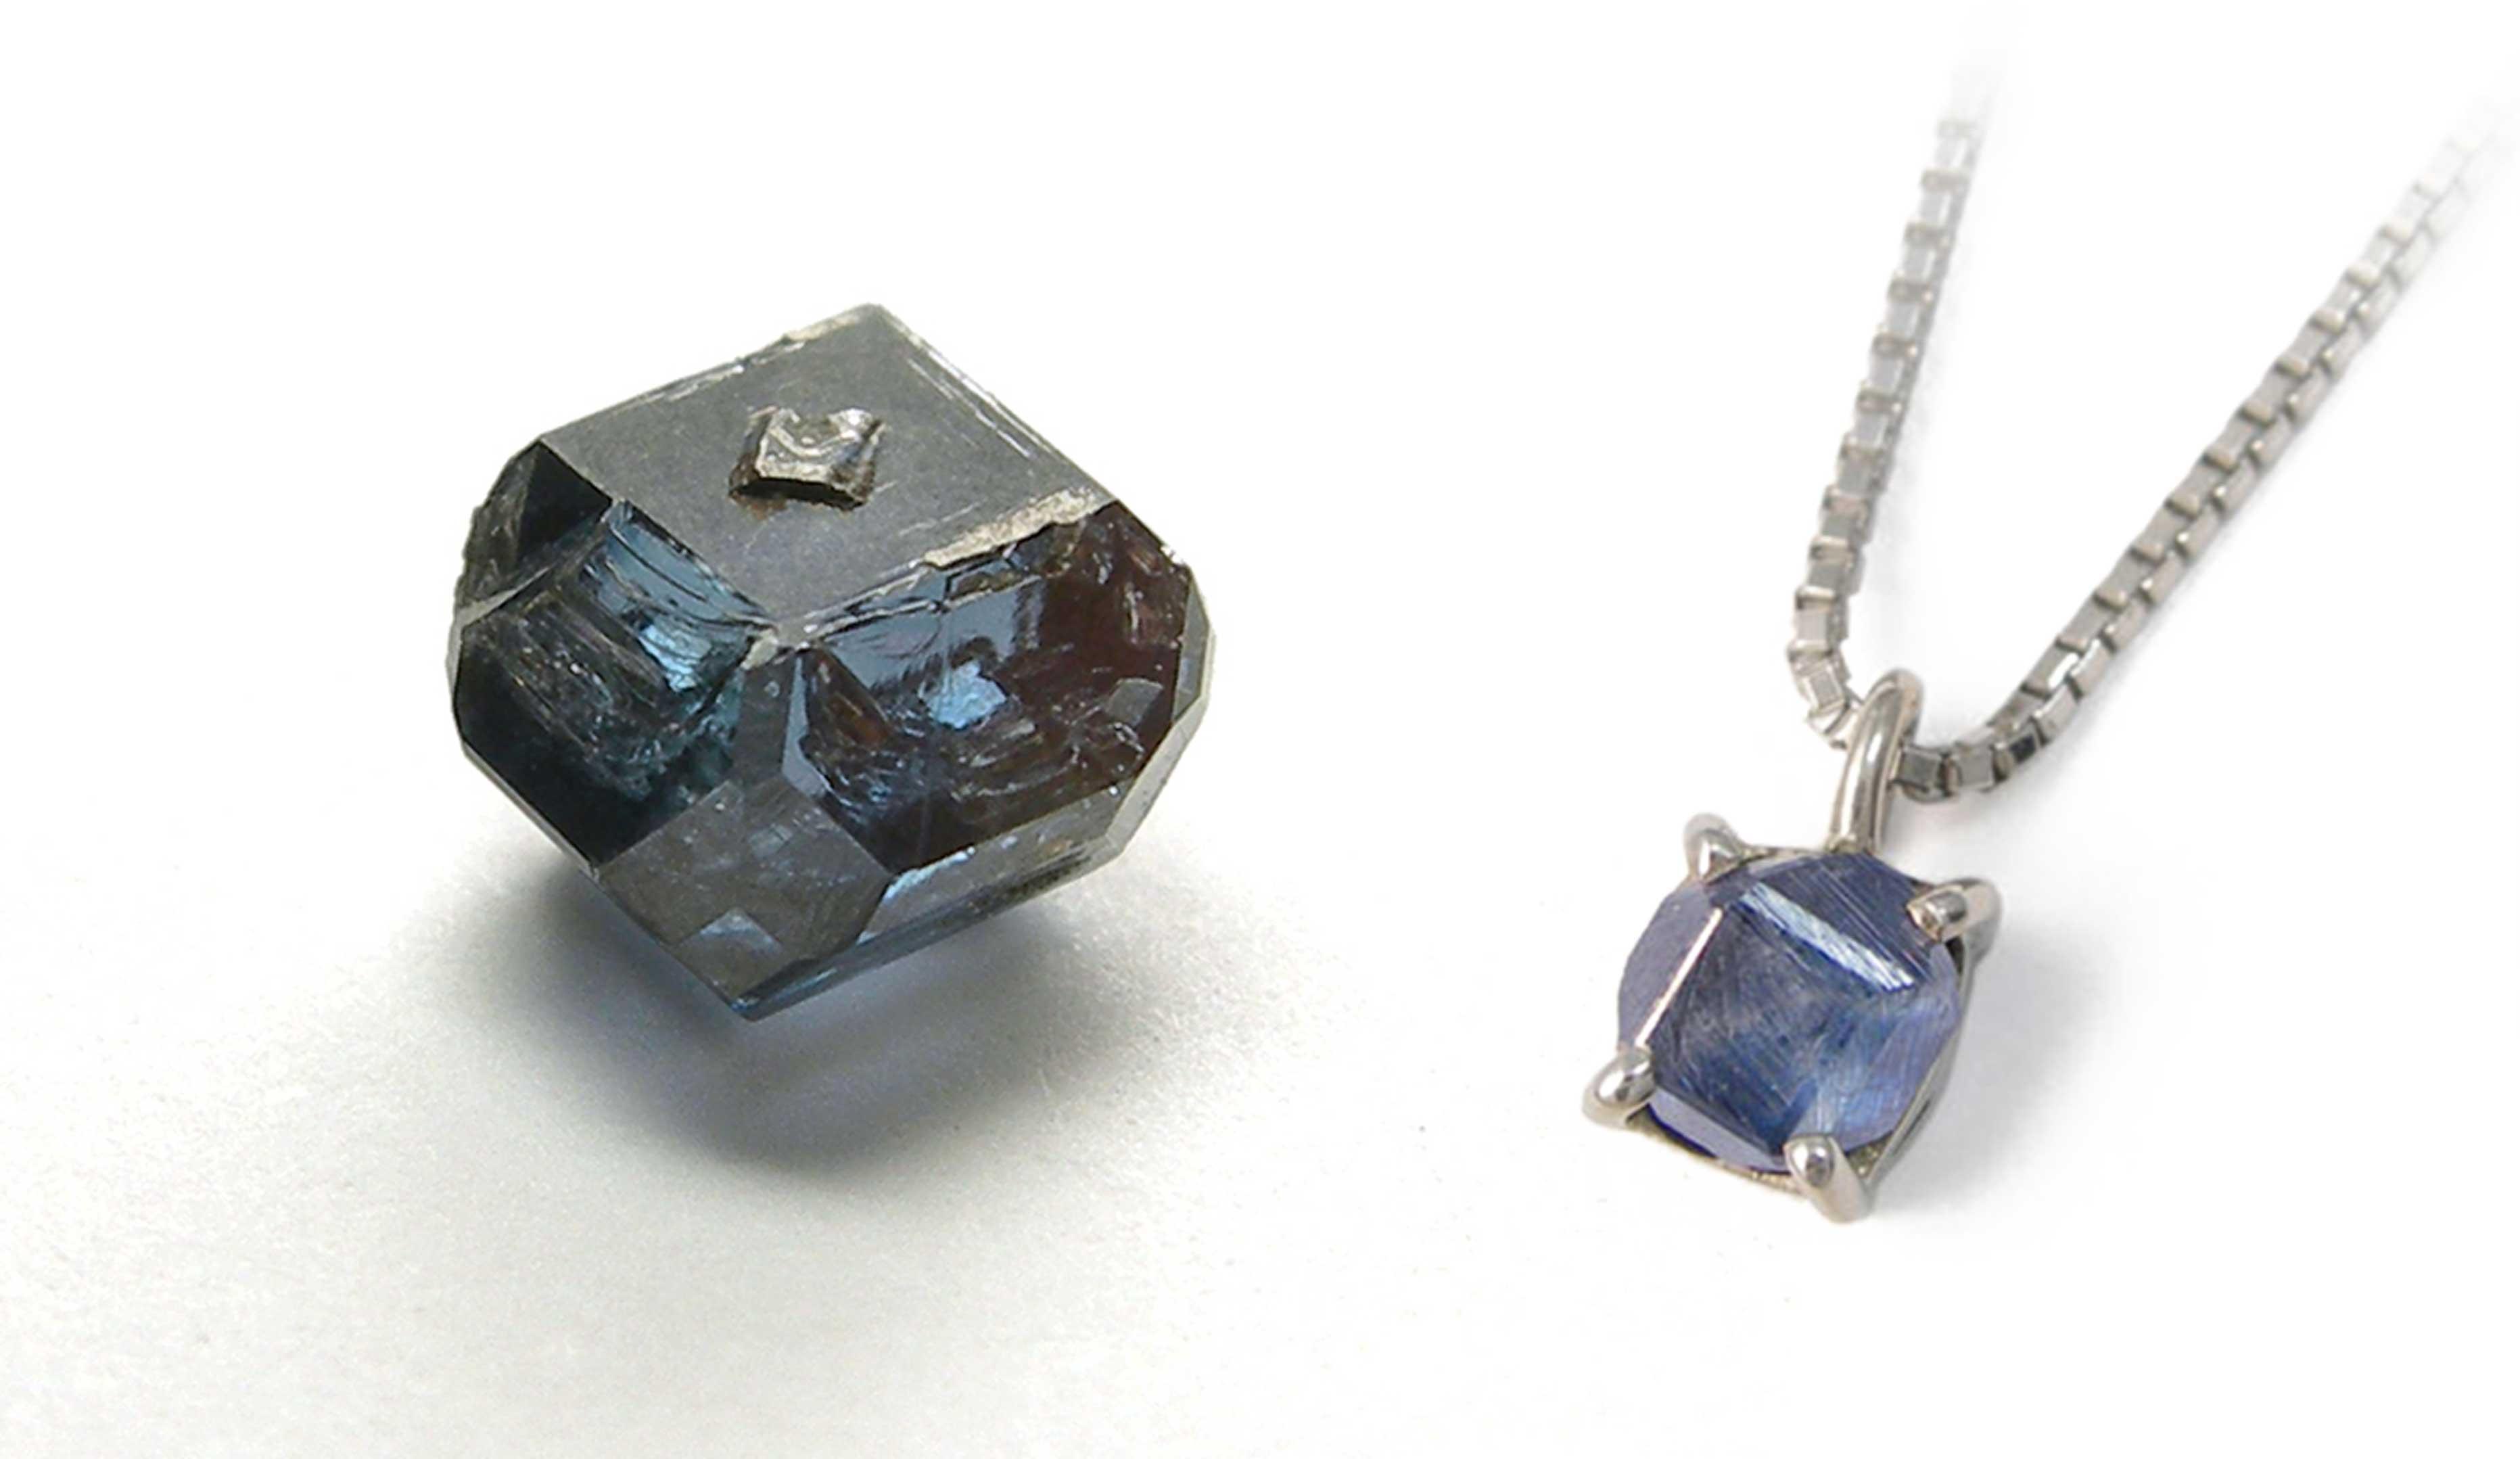 遺骨ダイヤモンドの原石と原石を使ったアクセサリーの画像